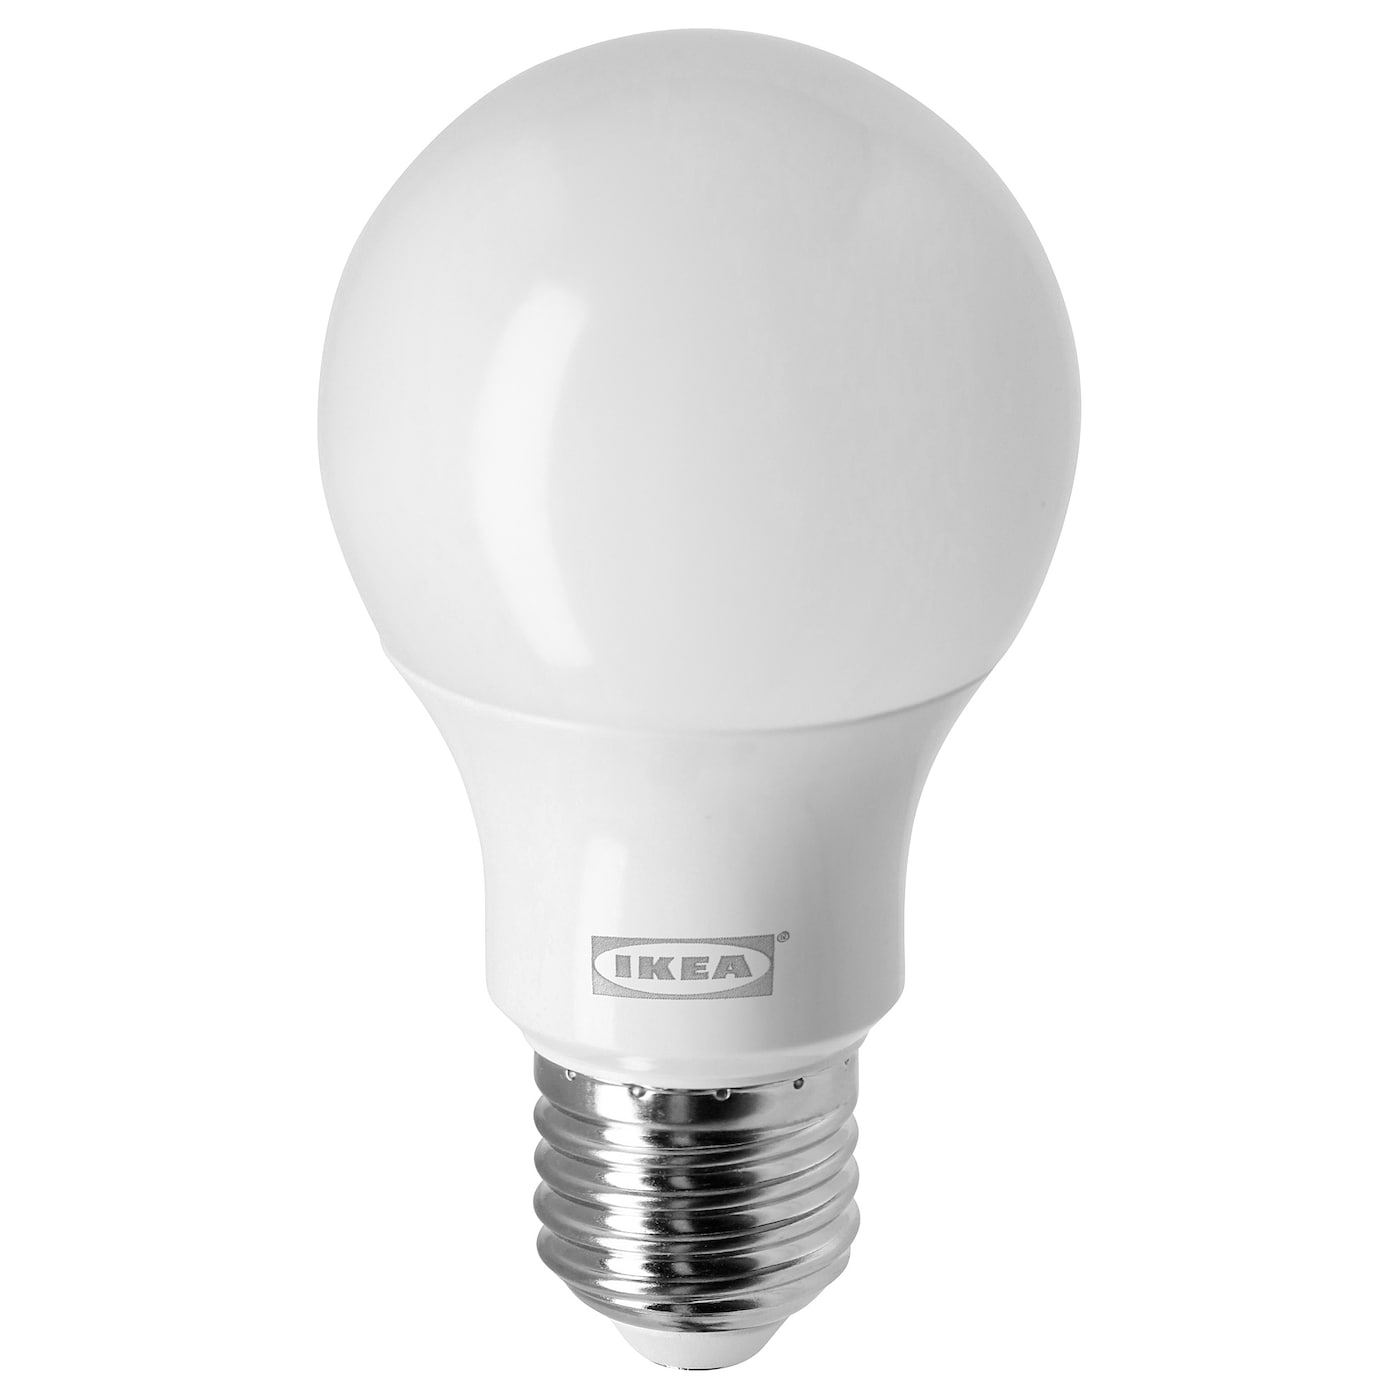 RYET Lampadina a LED E27 470 lumen, globo bianco opalino